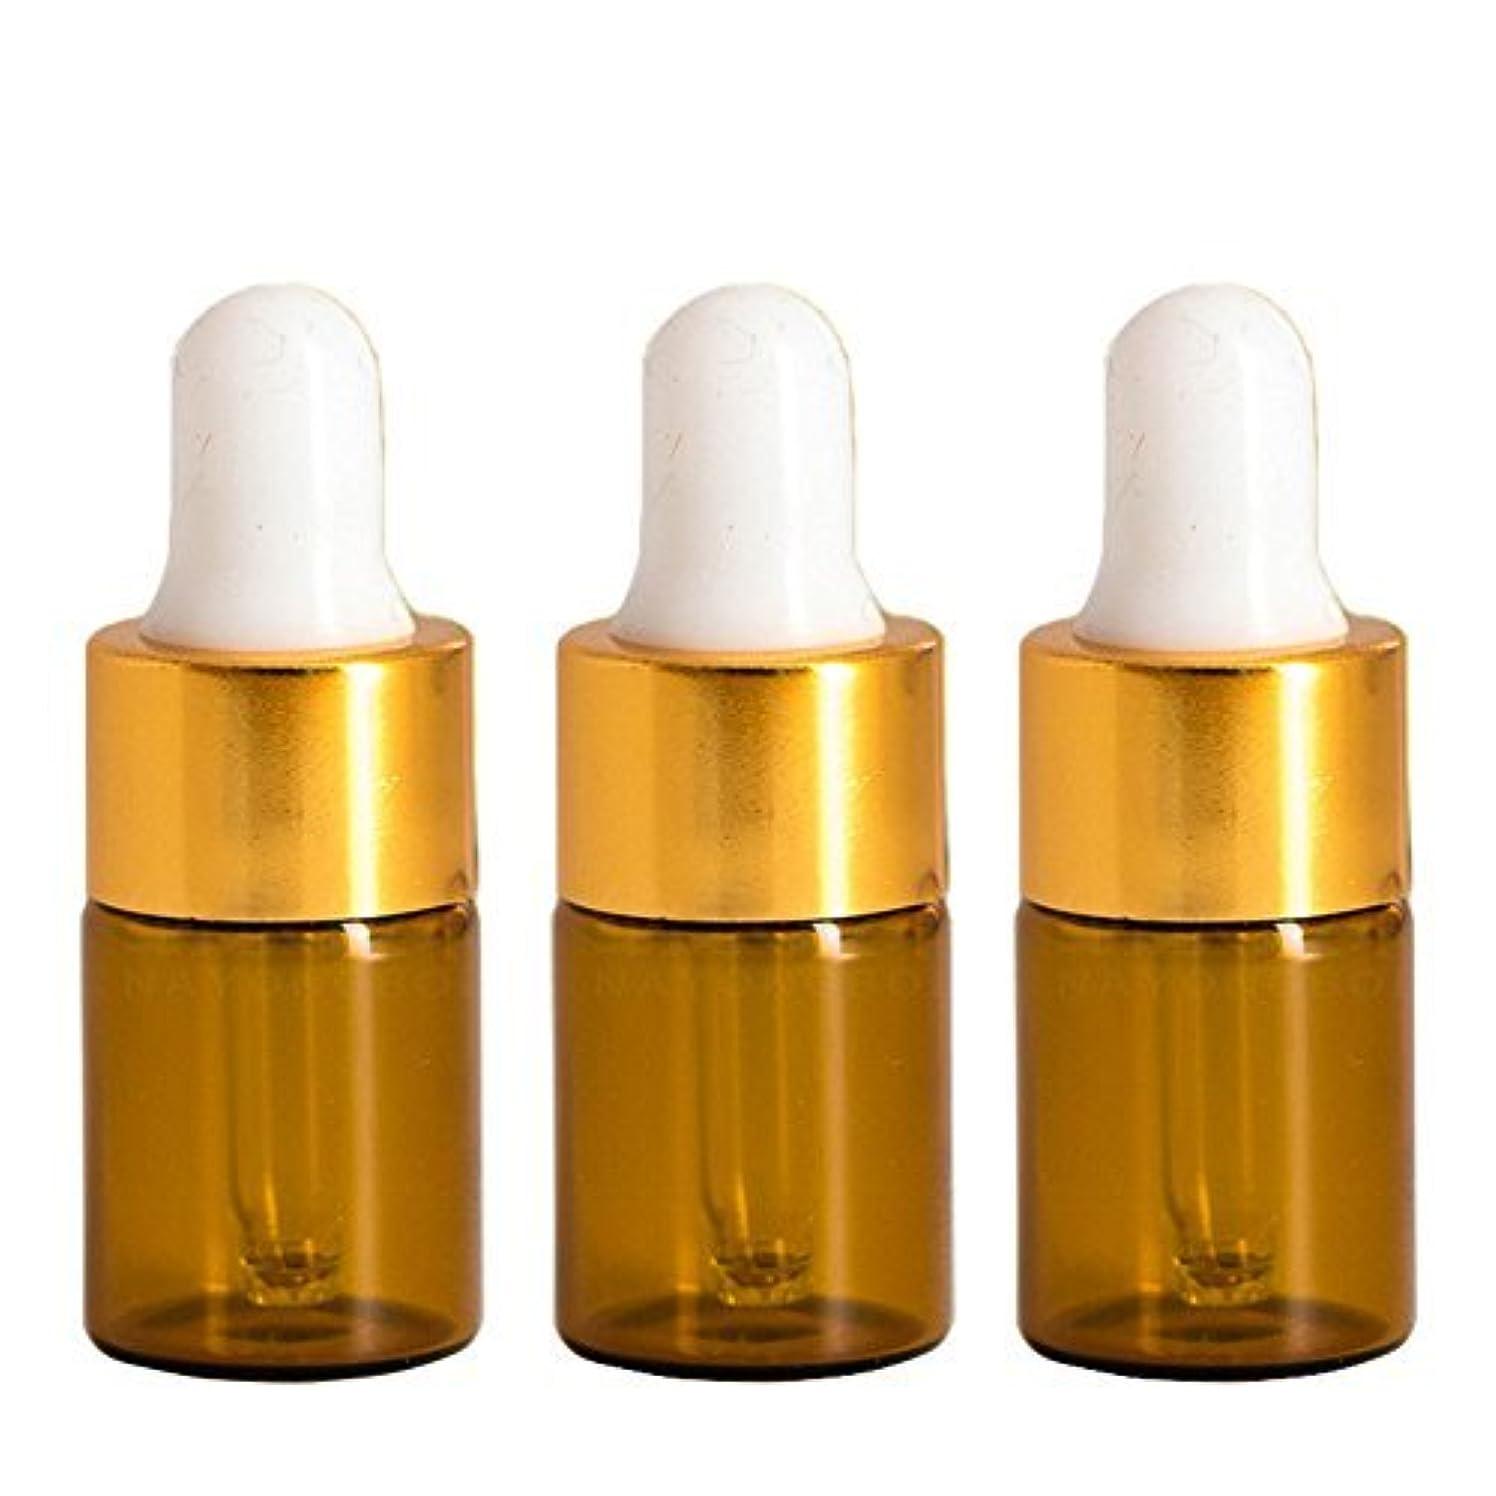 噴火矛盾比較的Furnido 15 pieces Mini Amber Glass Bottle with White Glass Pipette Dropper Rubber &Gold caps for Small Portable...